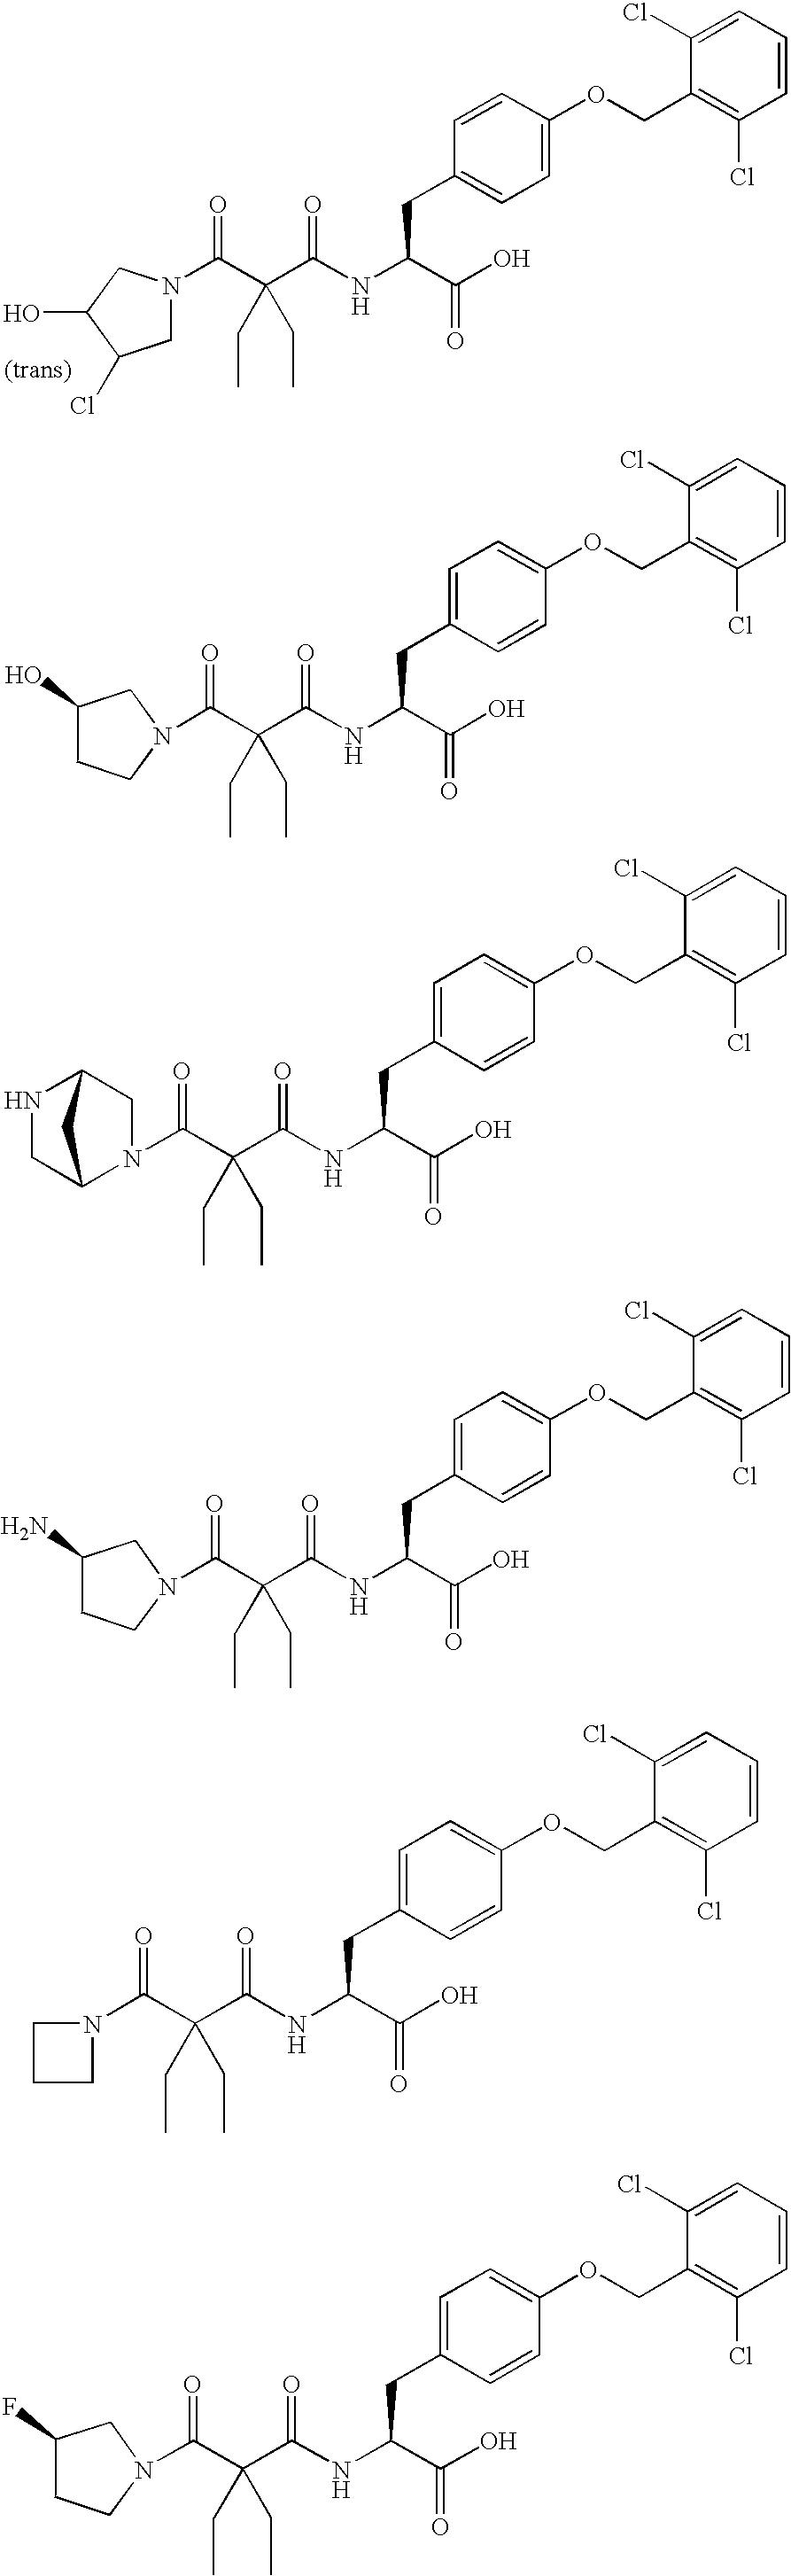 Figure US06855706-20050215-C00005